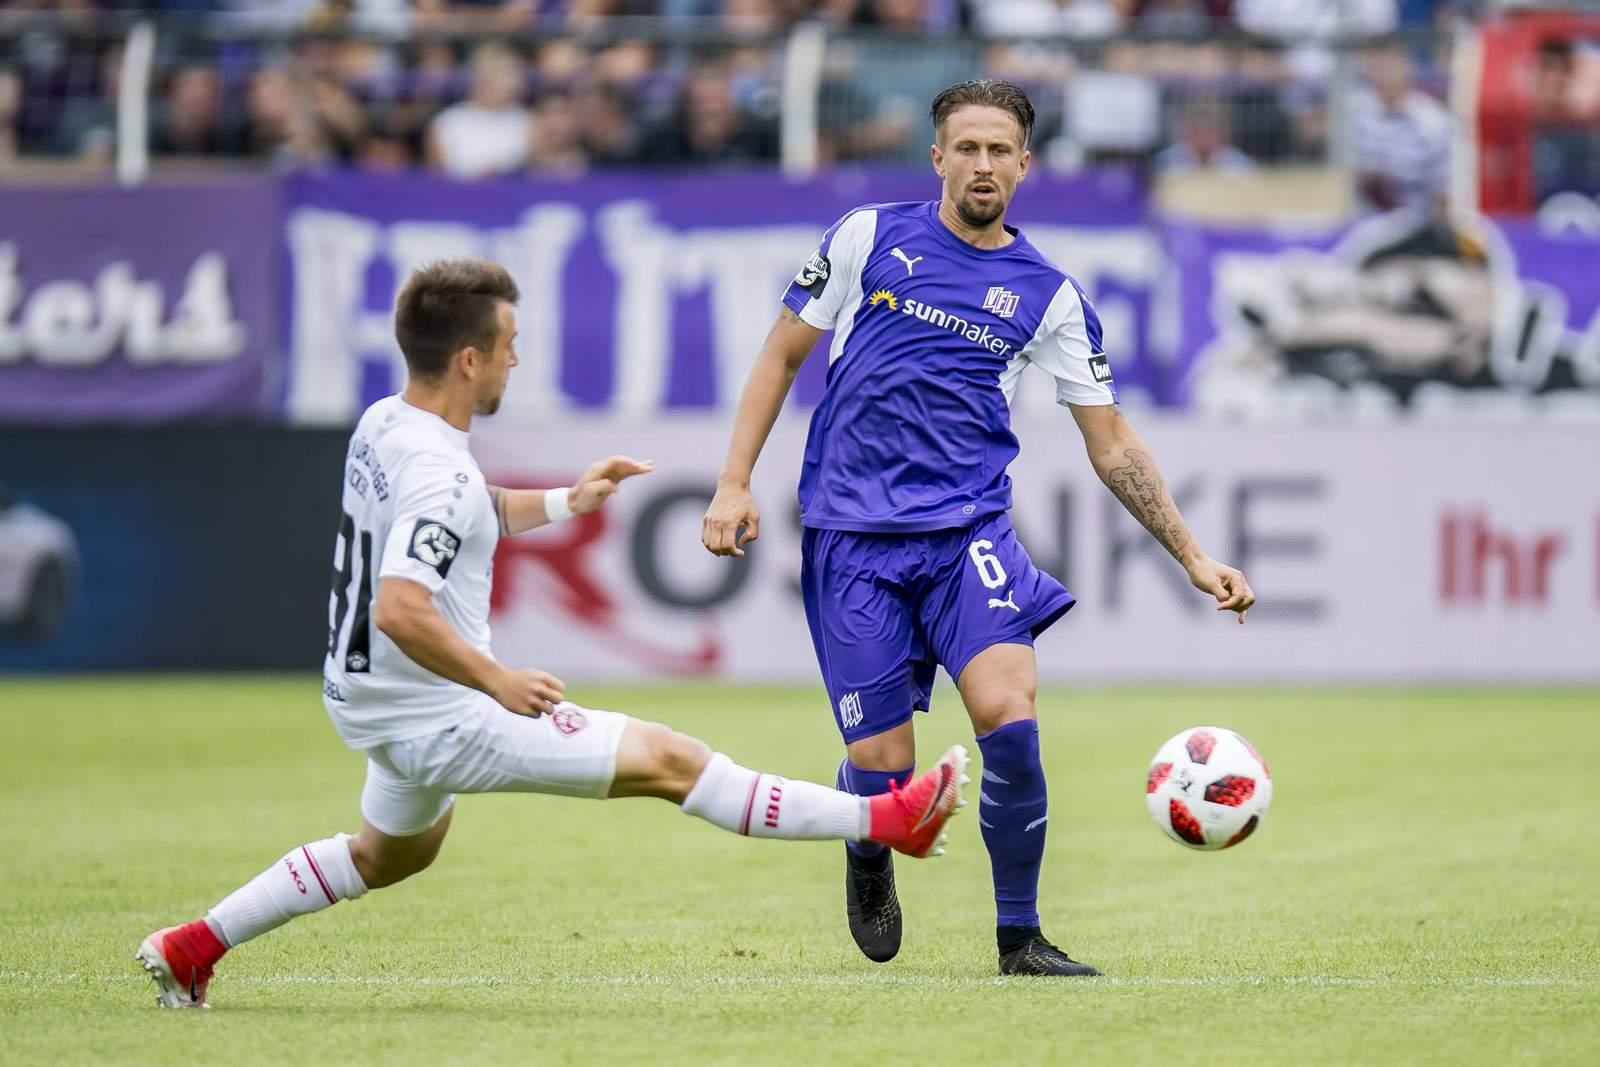 Alexander Derco im Duell mit einem Würzburger Kicker